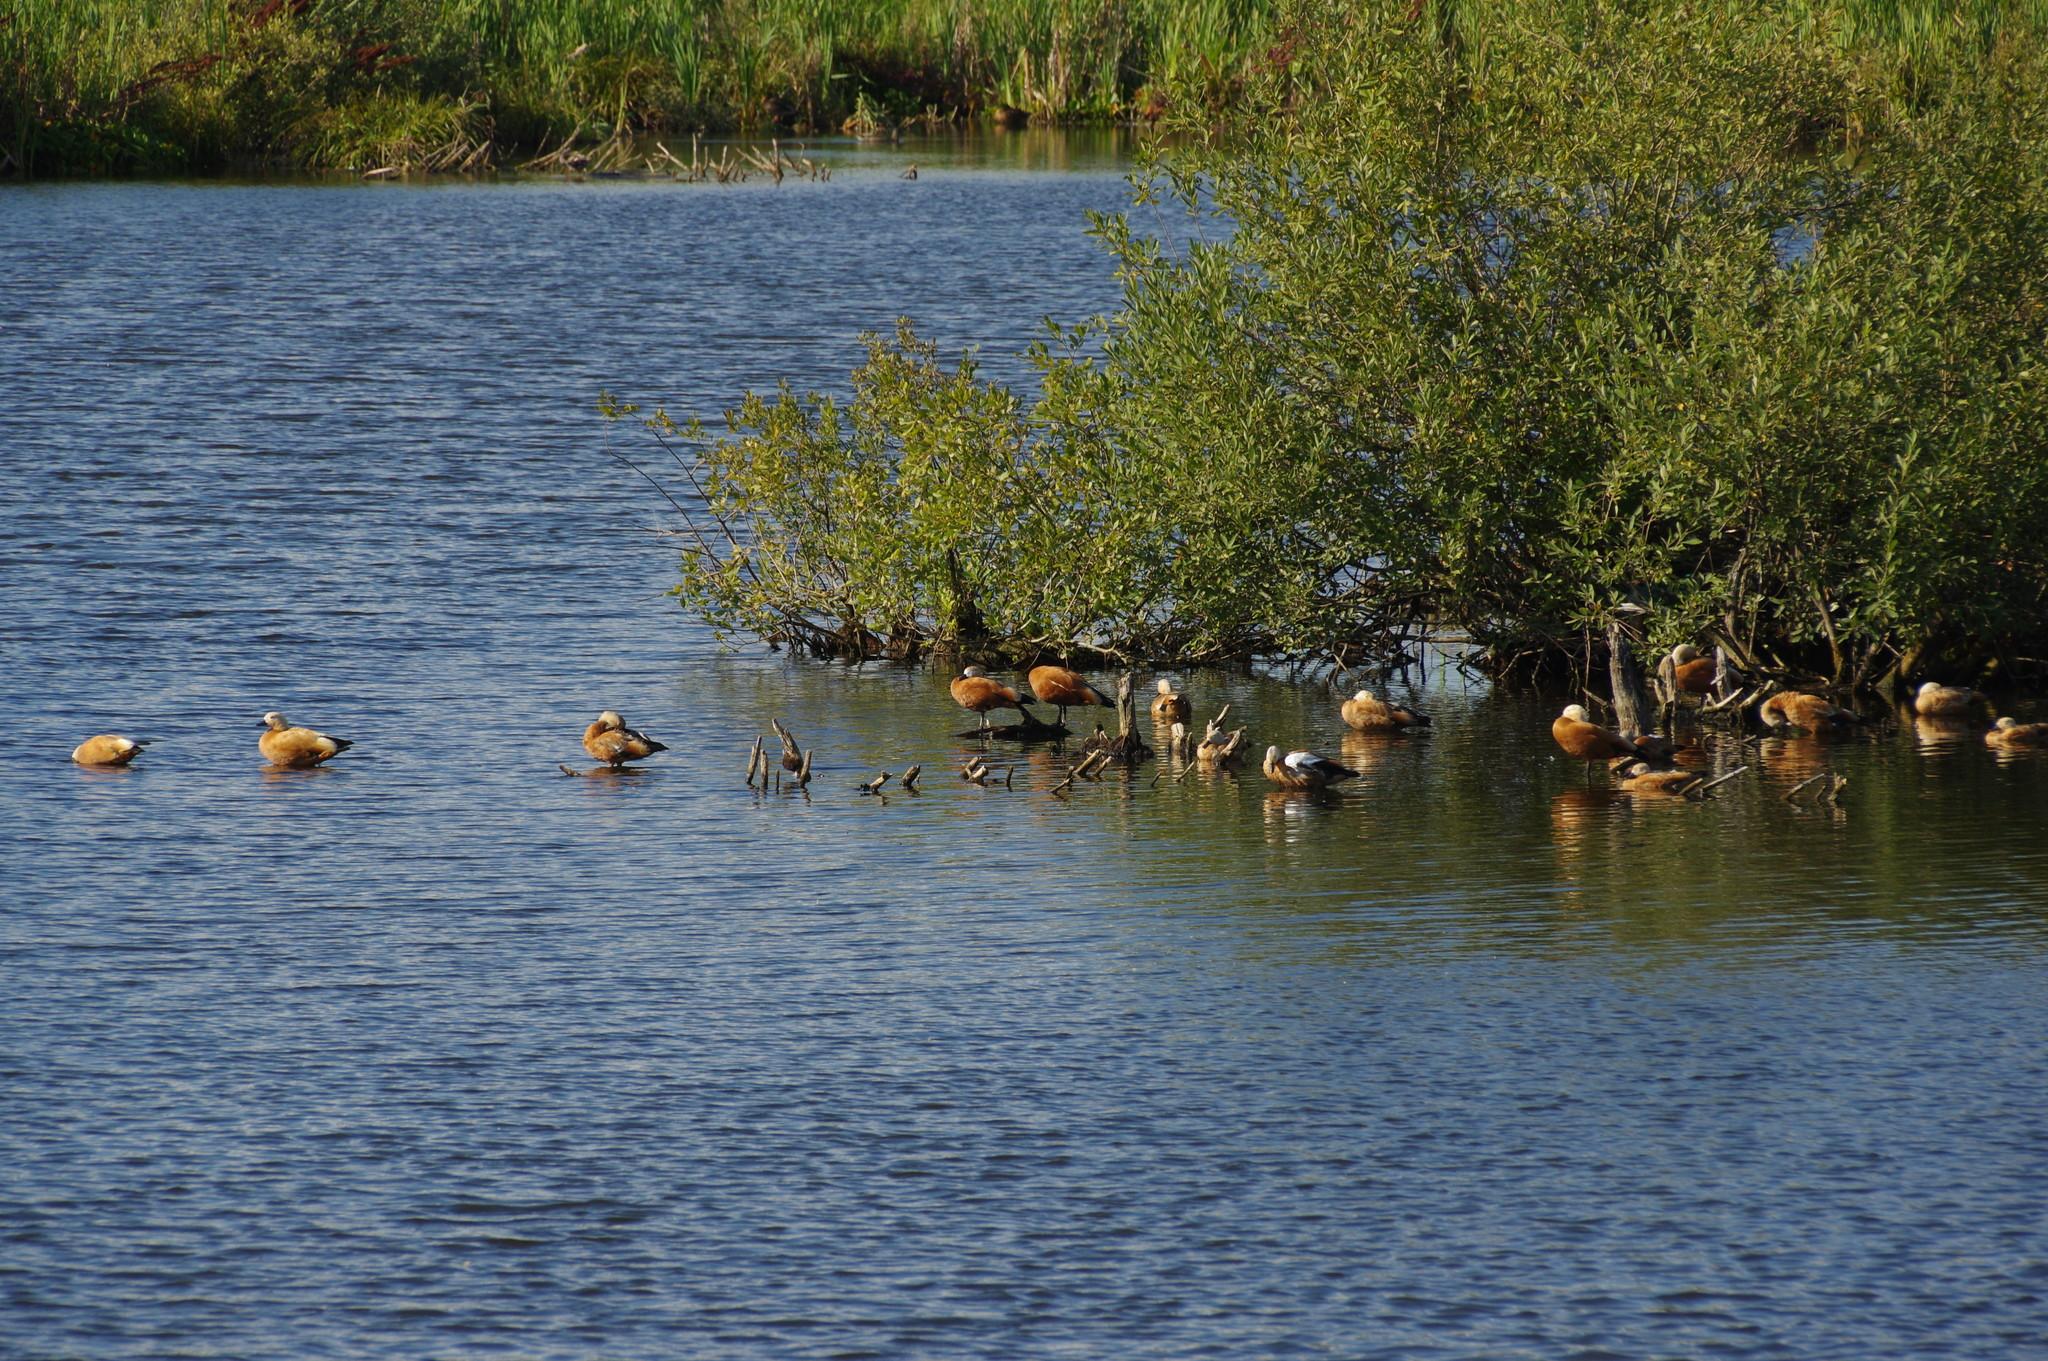 Огари на Долгих прудах в районе Северный СВАО г. Москвы